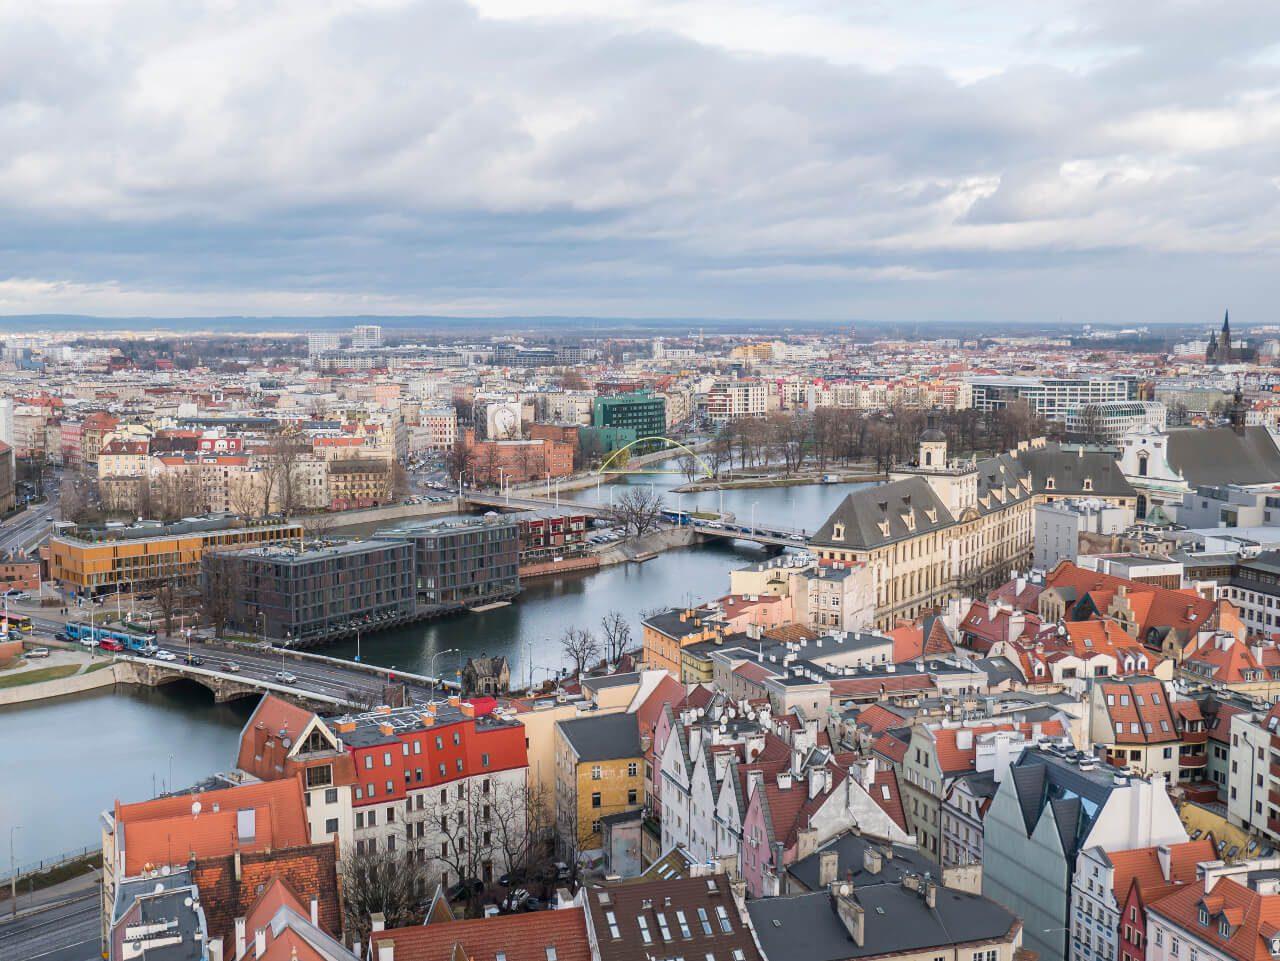 Widok na Wyspę Słodową we Wrocławiu z punktu widokowego